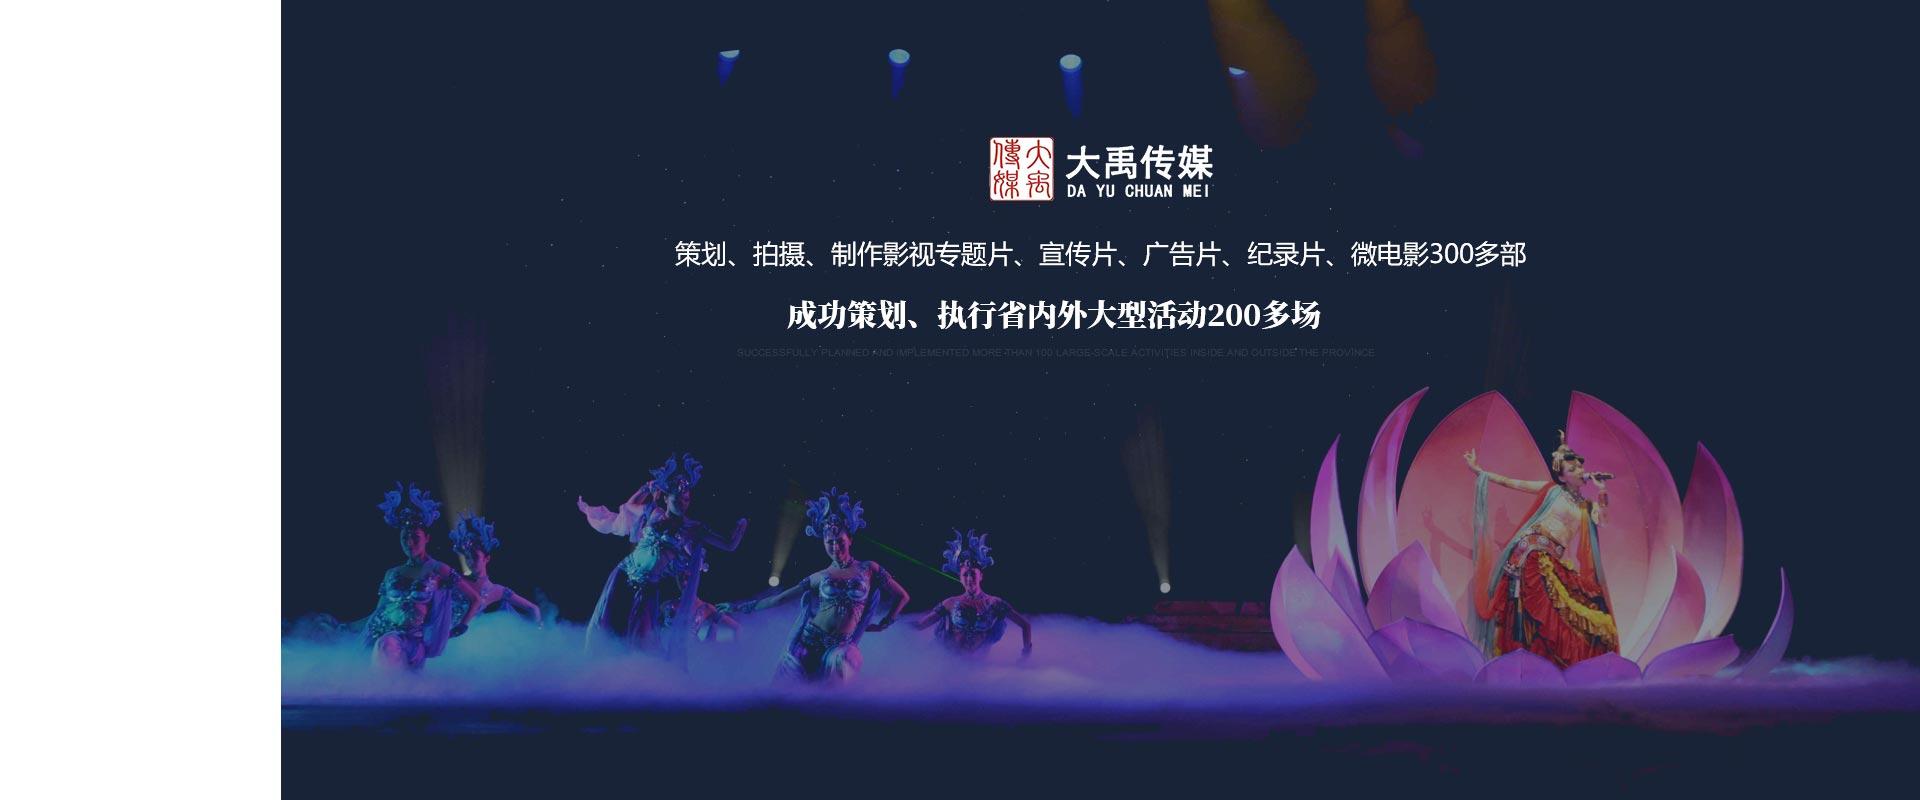 河南新媒體運營